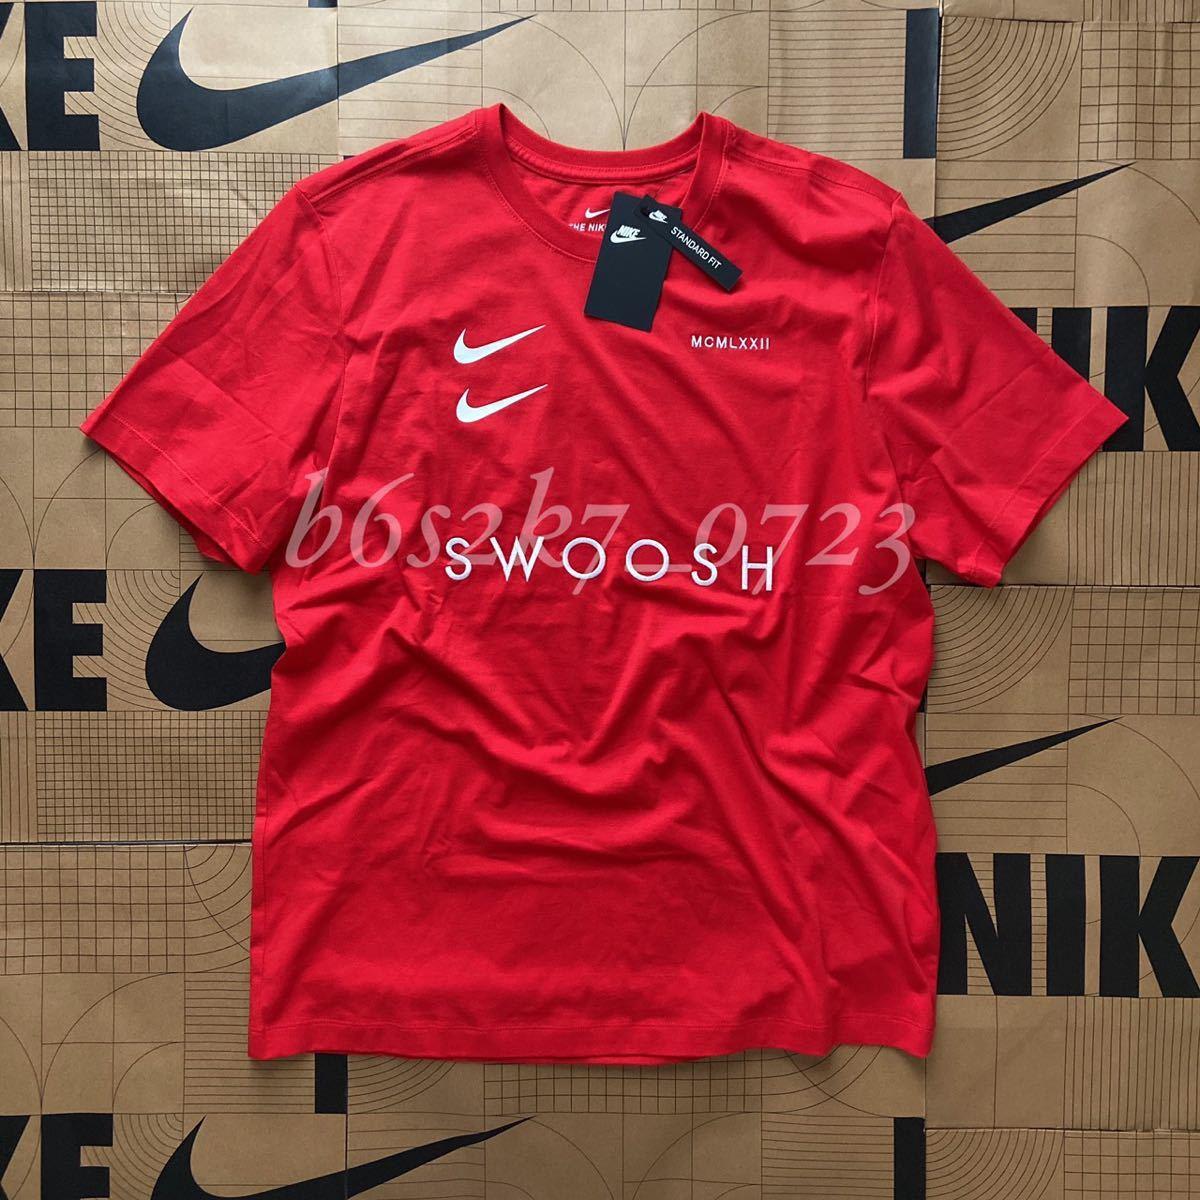 新品 正規品 サイズ2XL NIKE ナイキ 赤 レッド 半袖 Tシャツ SWOOSH 白 刺繍ロゴ ホワイ